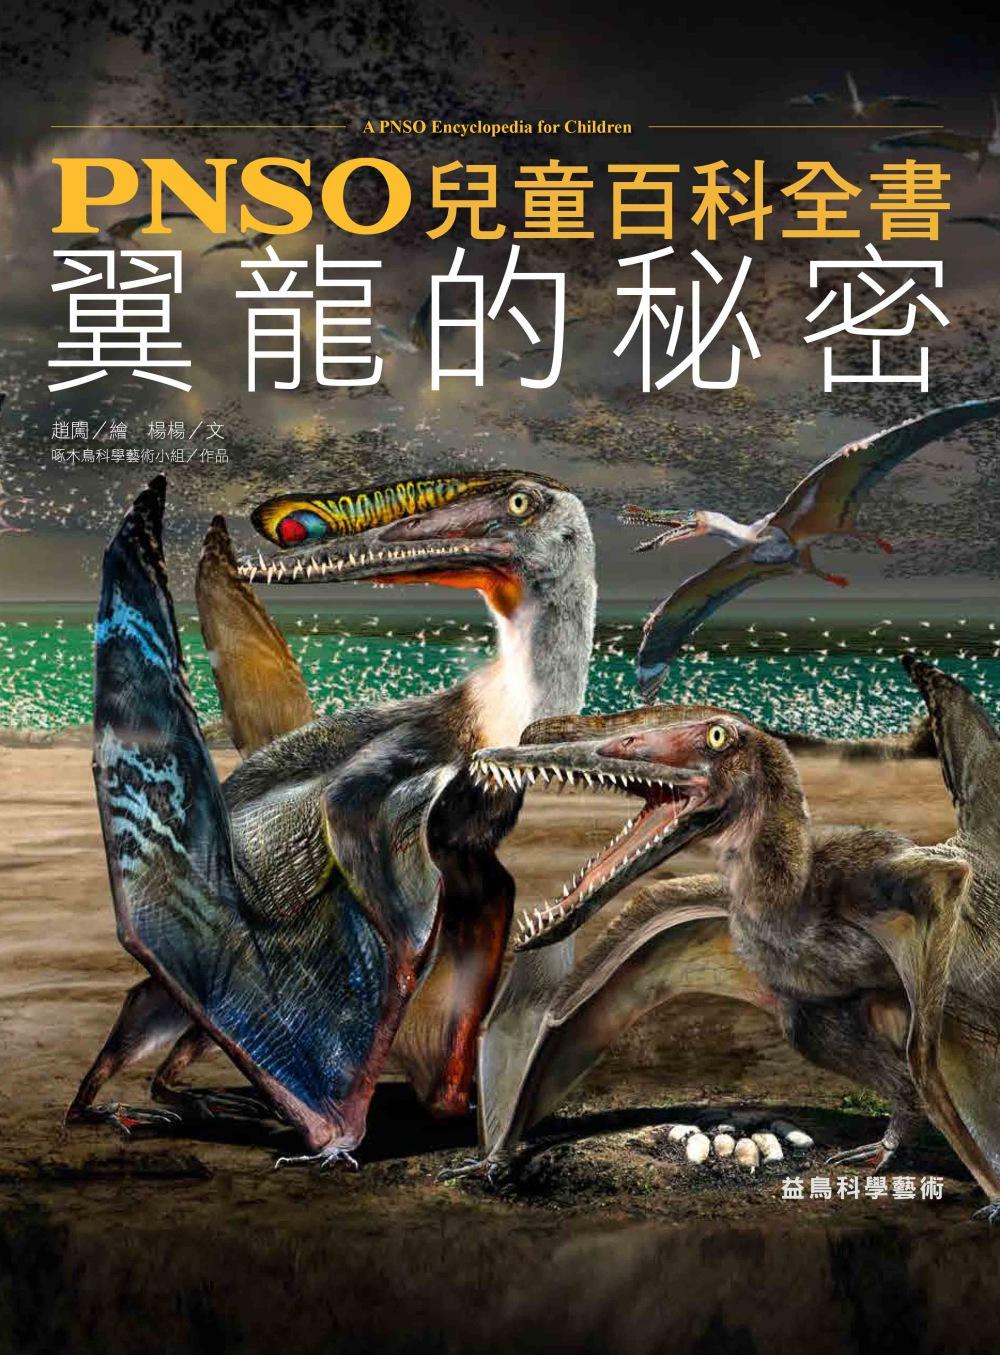 PNSO兒童百科全書:翼龍的秘密